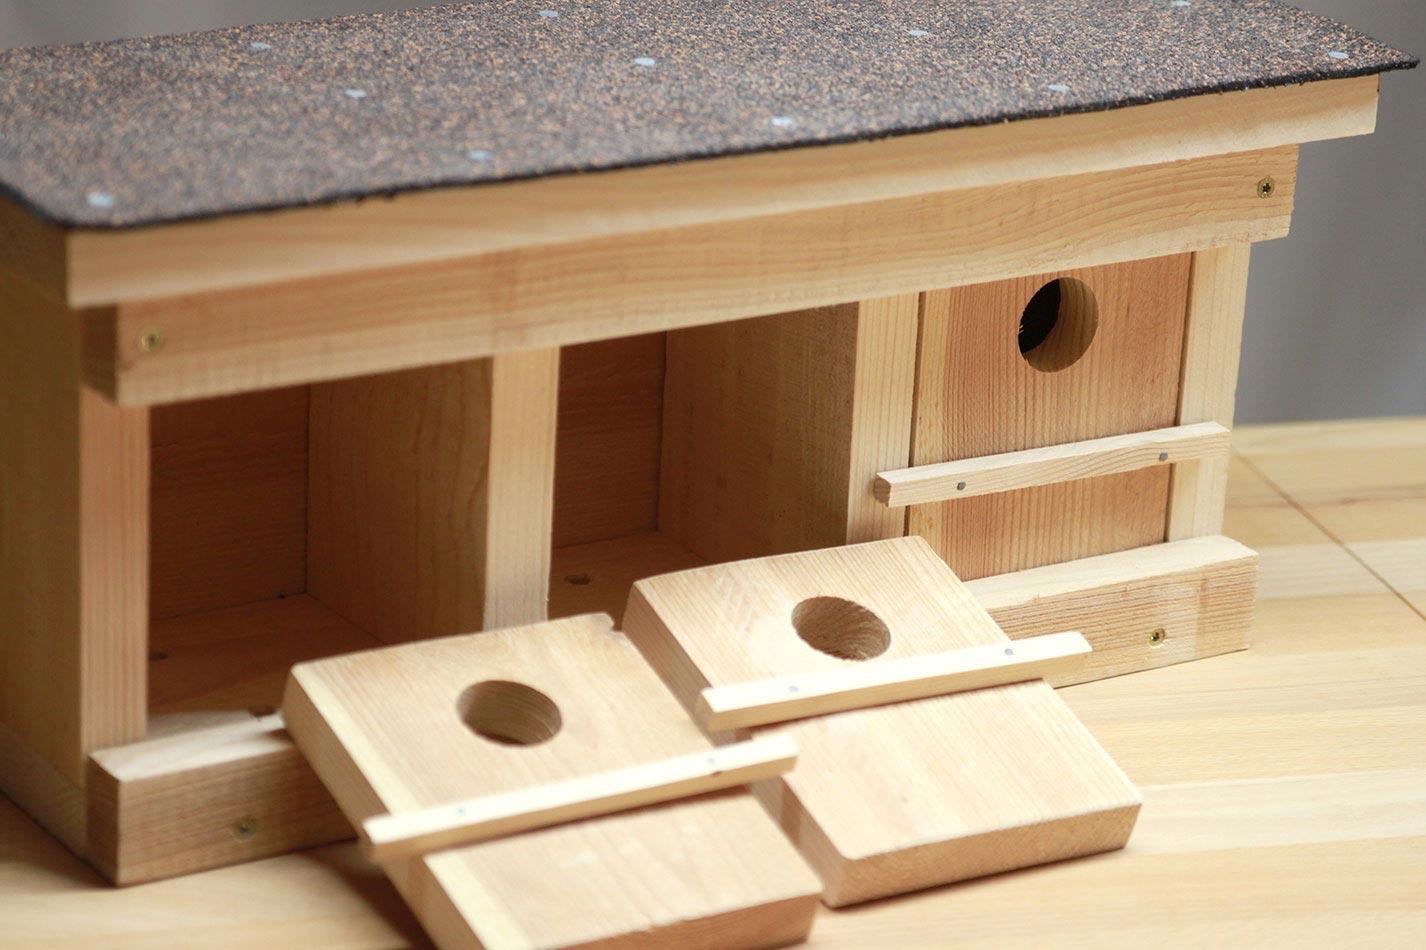 Sperlingskoloniehaus aus Holz für drei Sperlings Brutpaare mit zwei geöffneten Türen